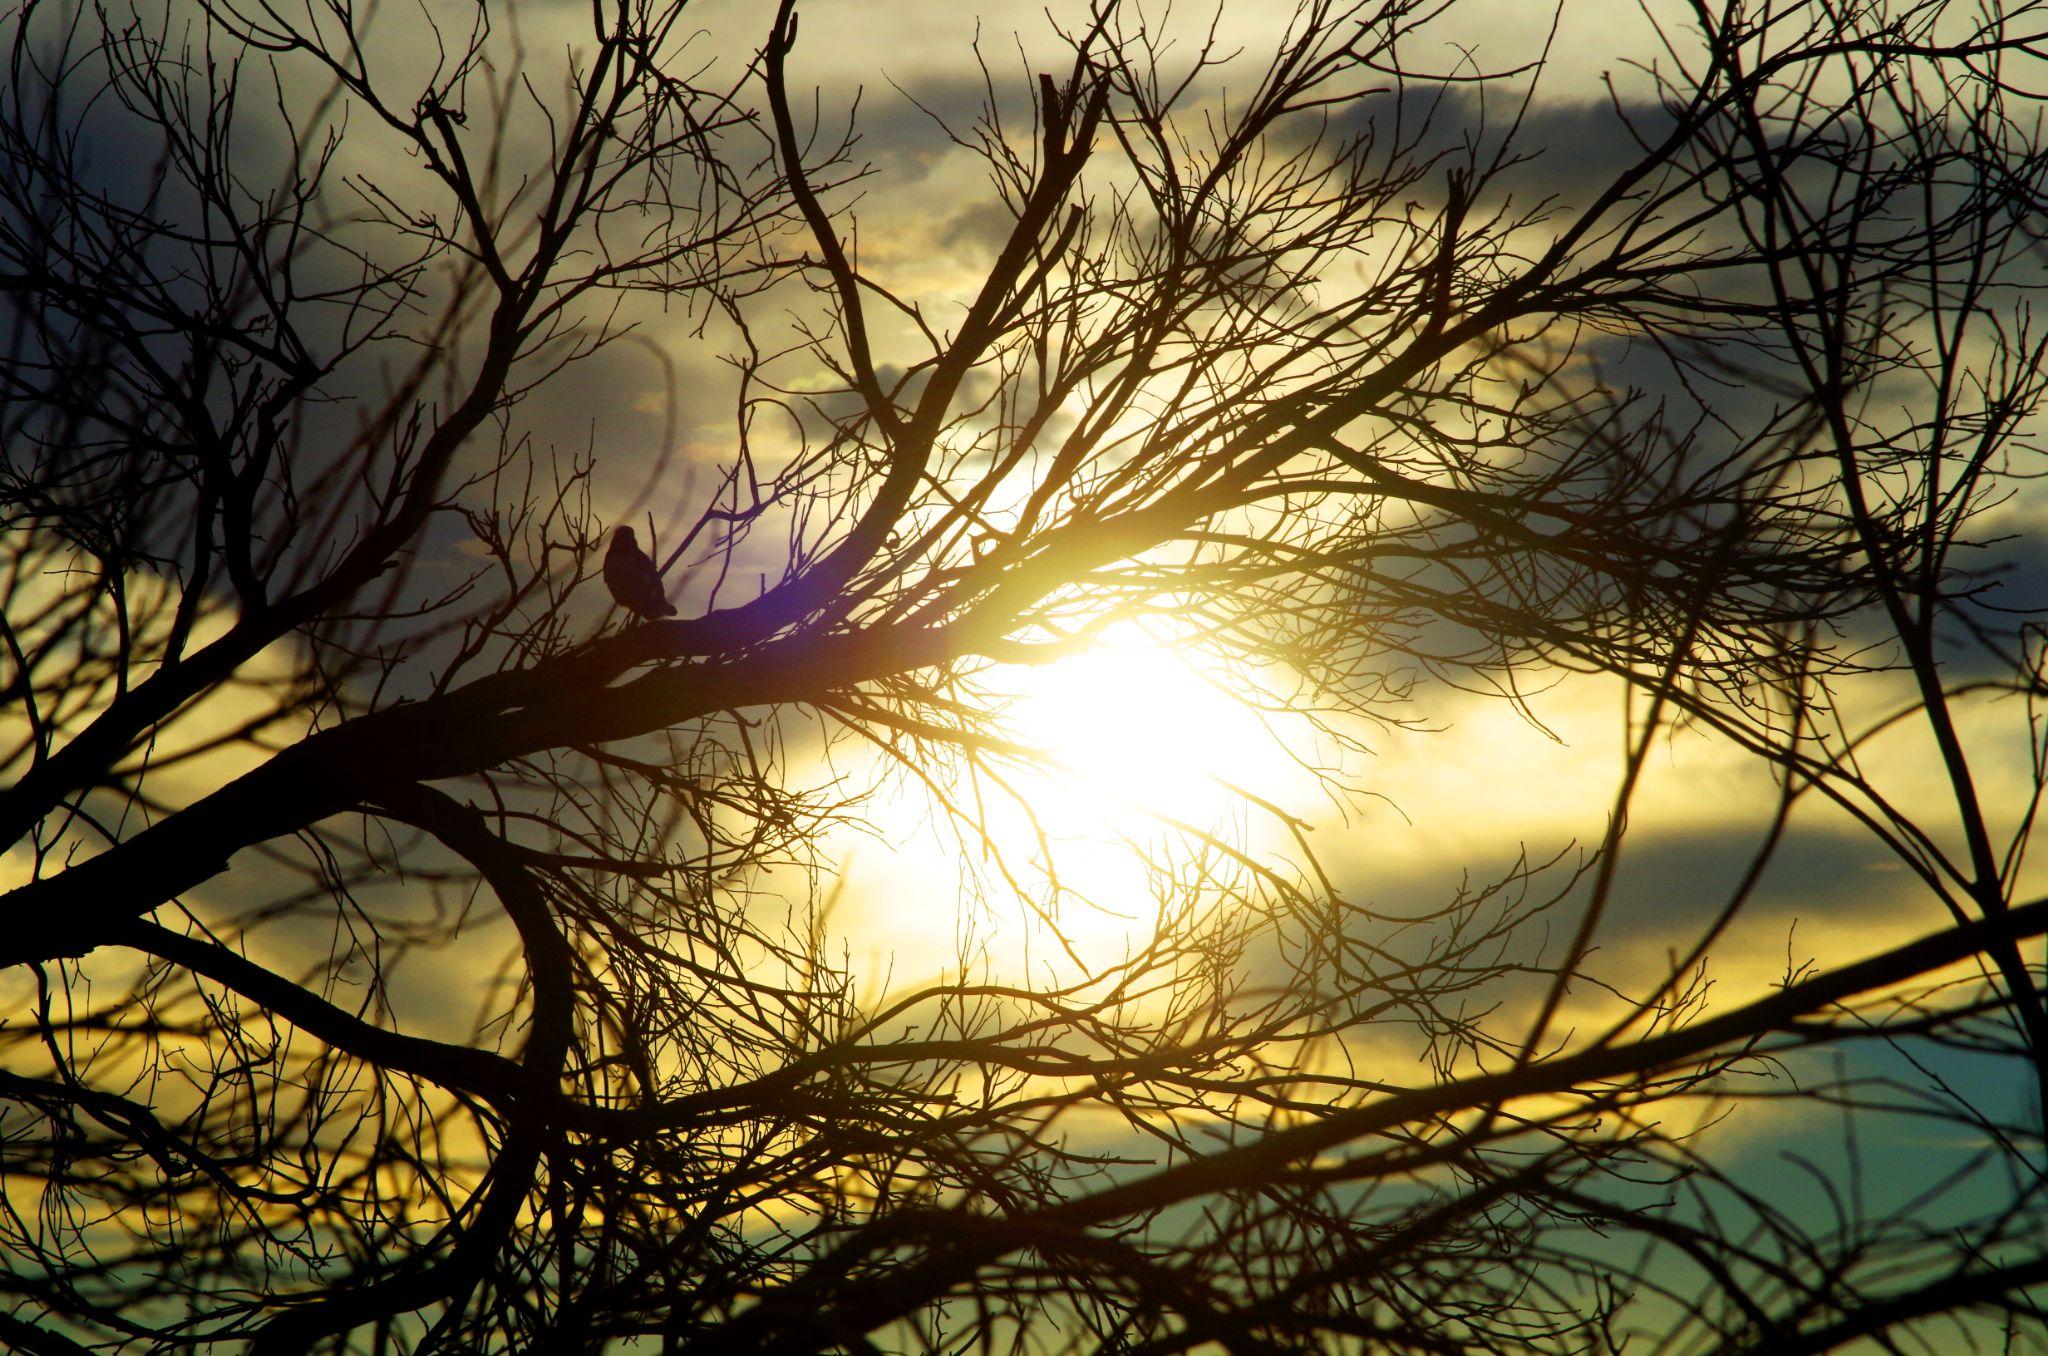 sunset glow by cinzia.sawatzky